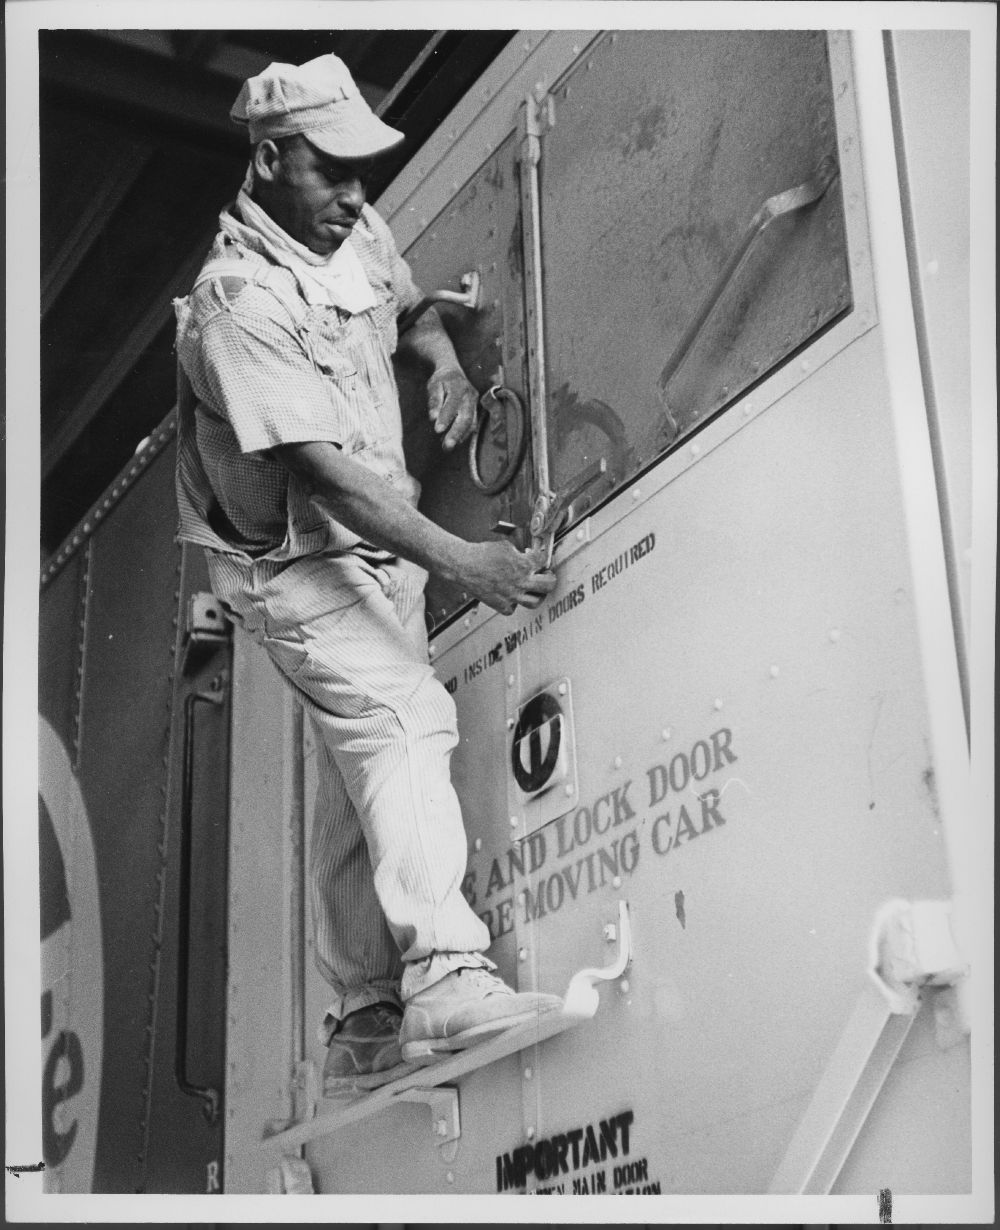 Atchison, Topeka & Santa Fe Railway employee, Cleburne, Texas